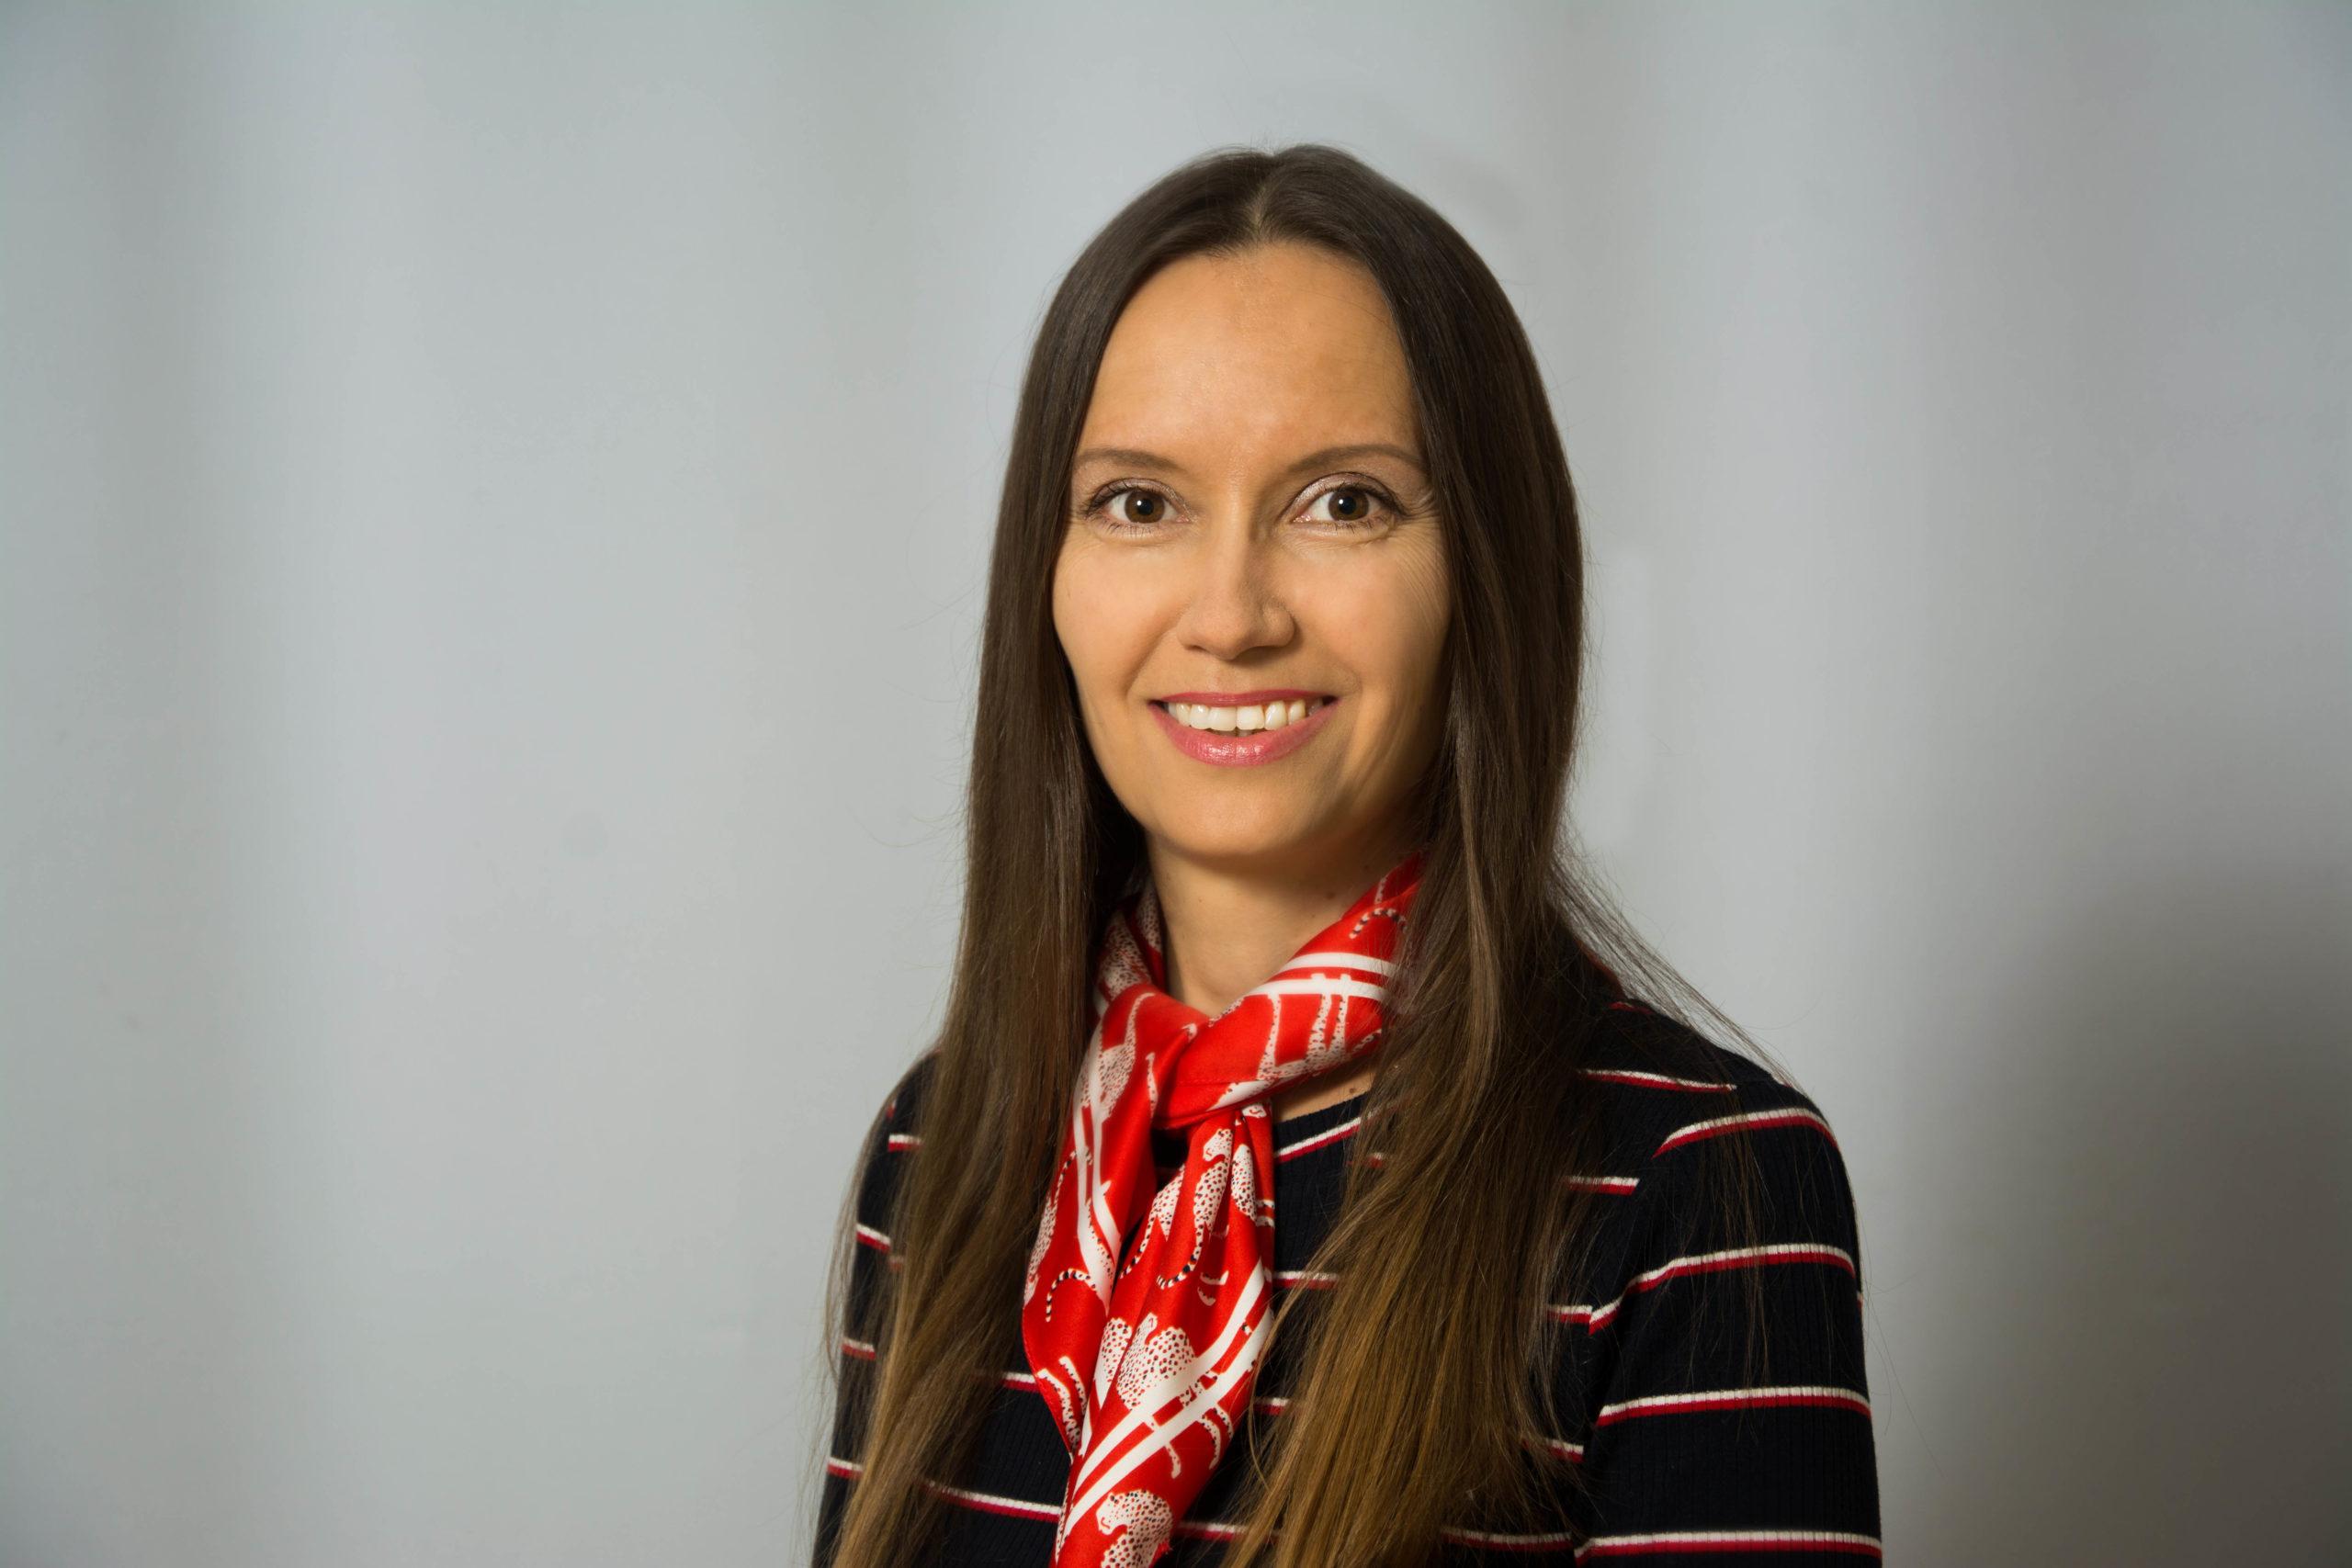 Evgenia Urich